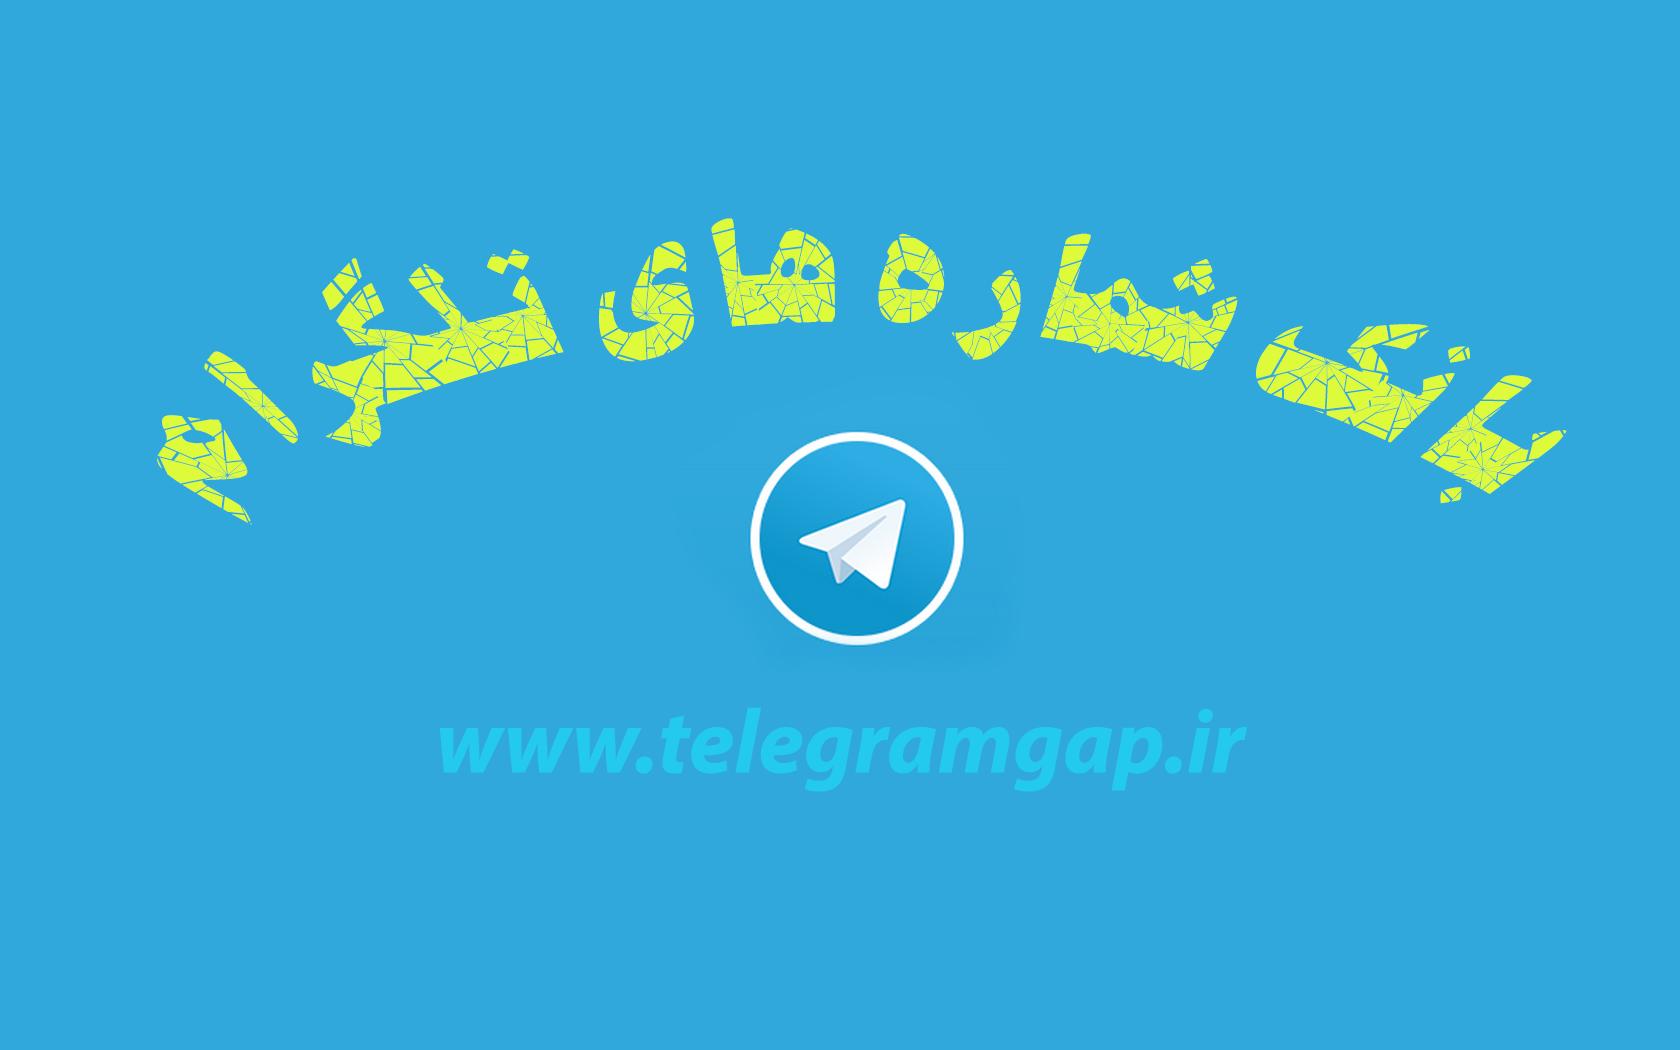 بانک شماره های تلگرام